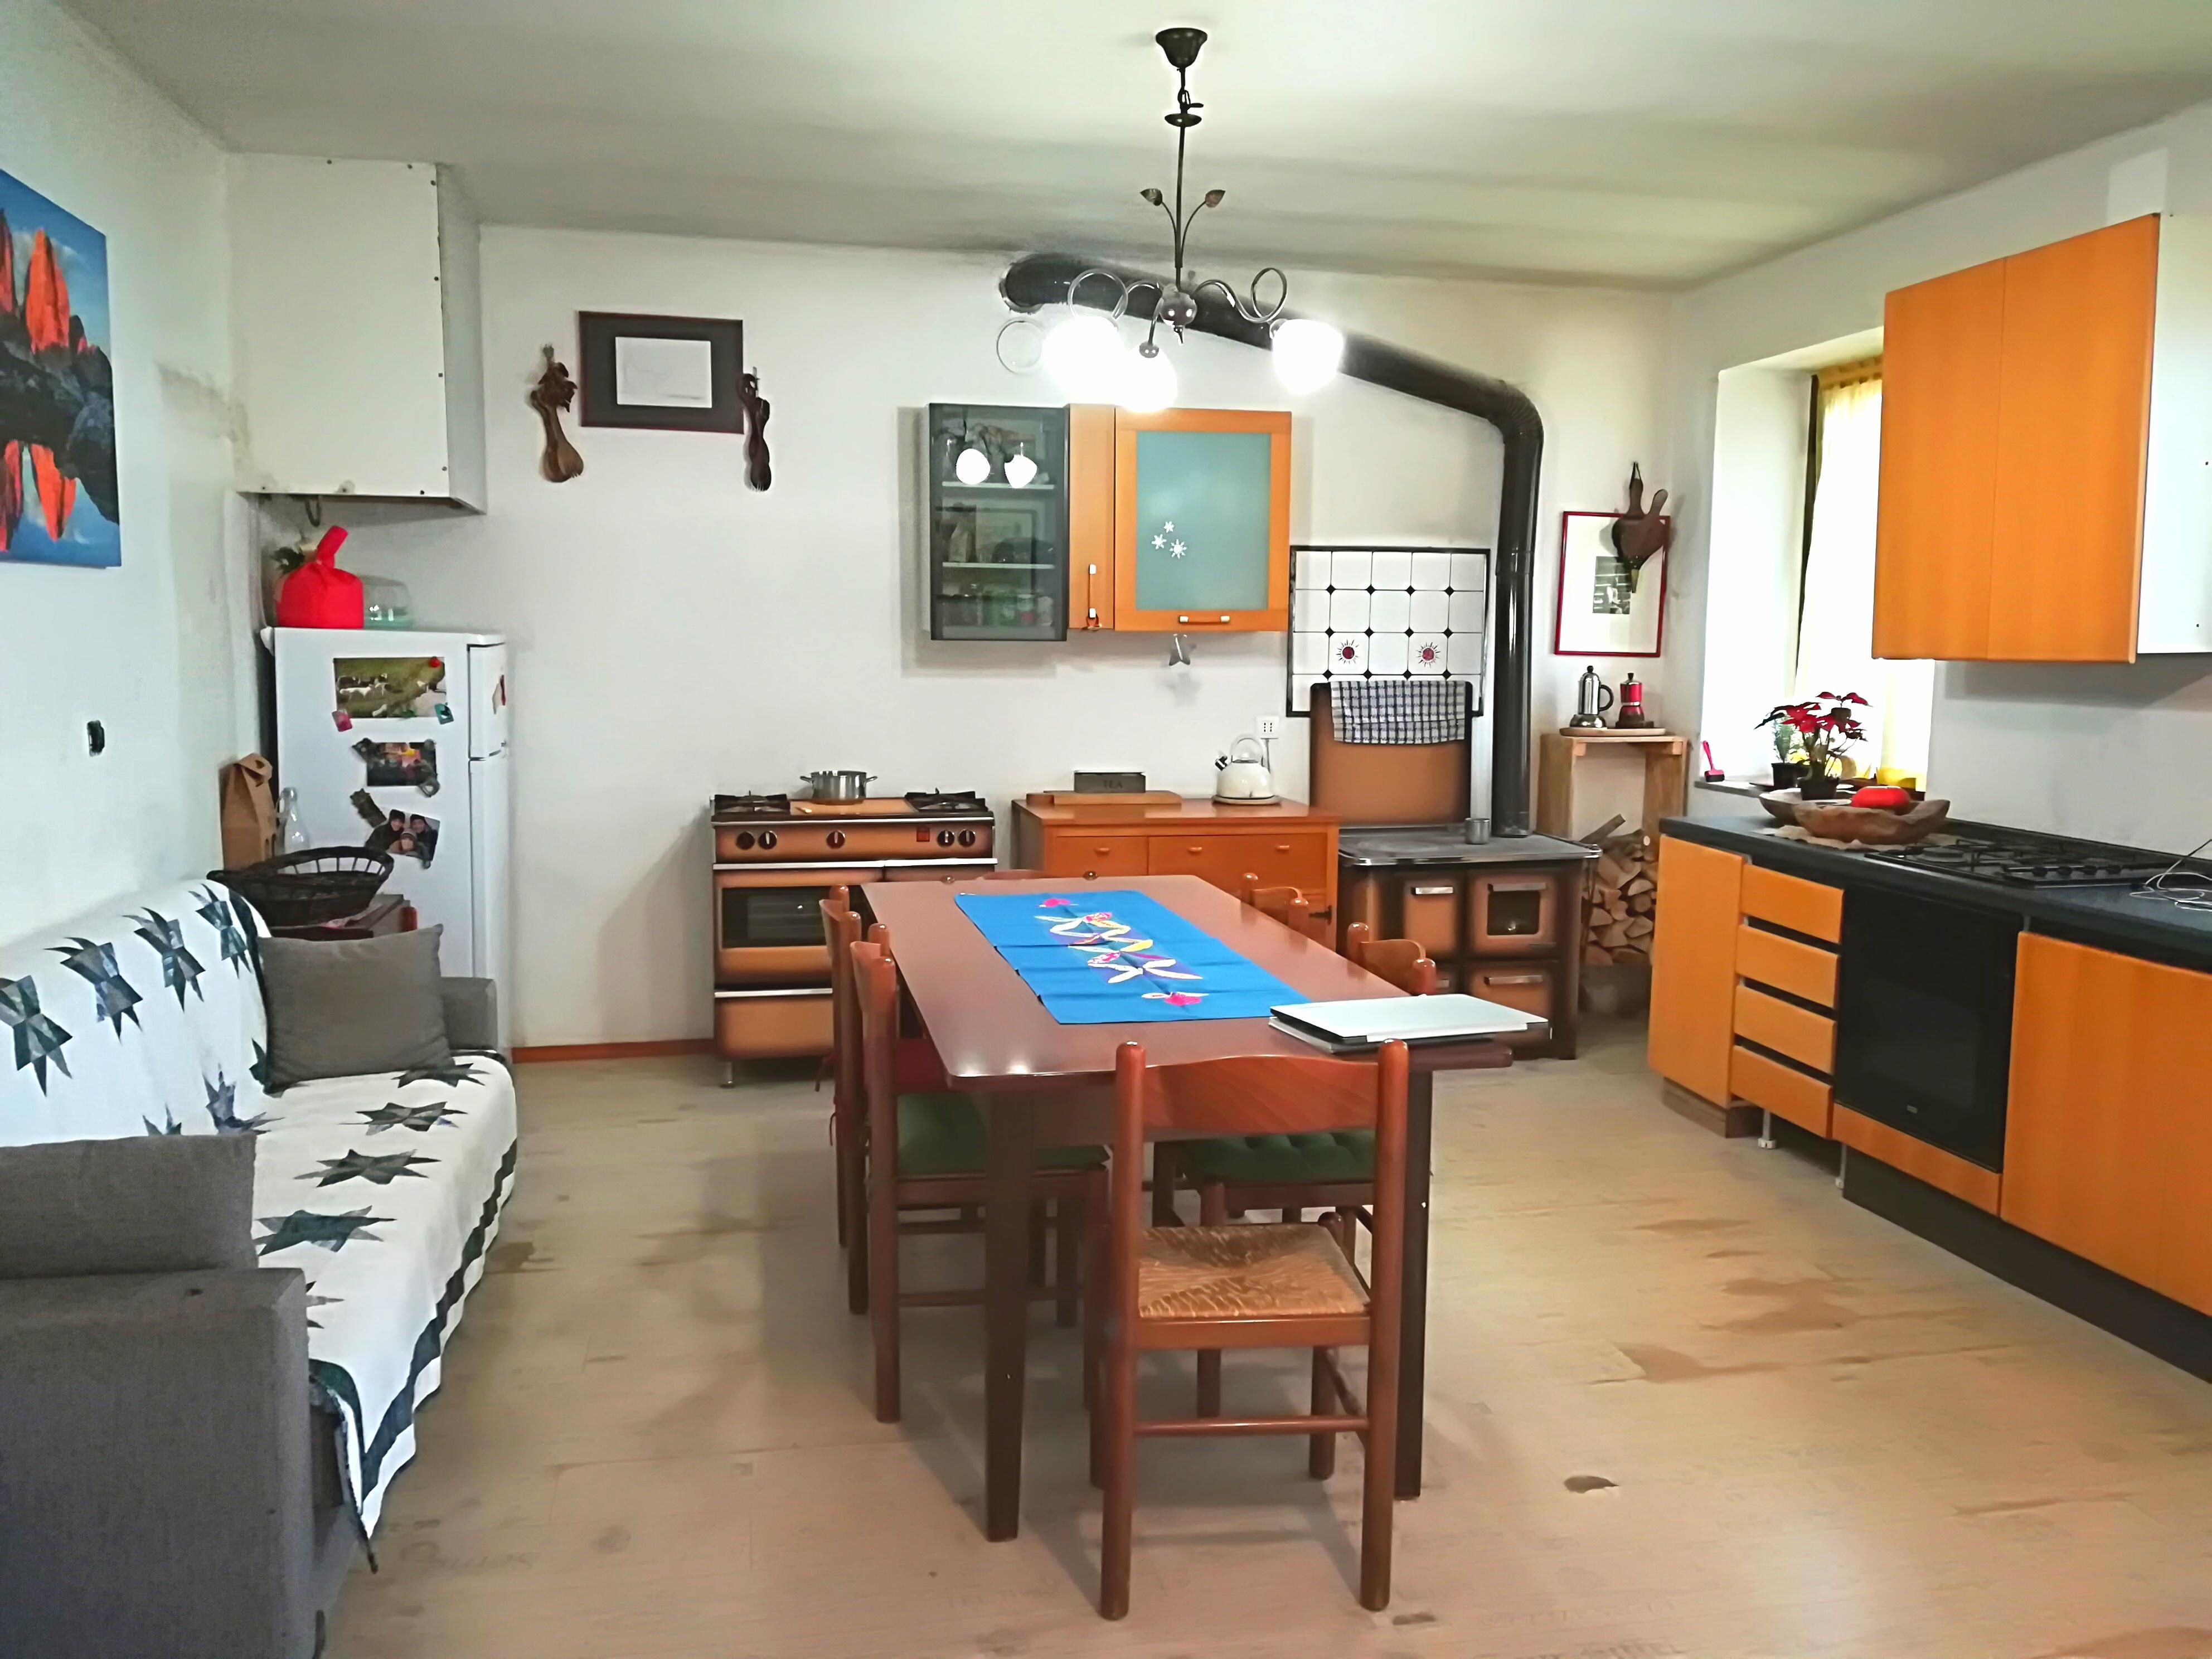 Credenza Cucina Anni 40 stato brado : the wild side - cabins for rent in velo